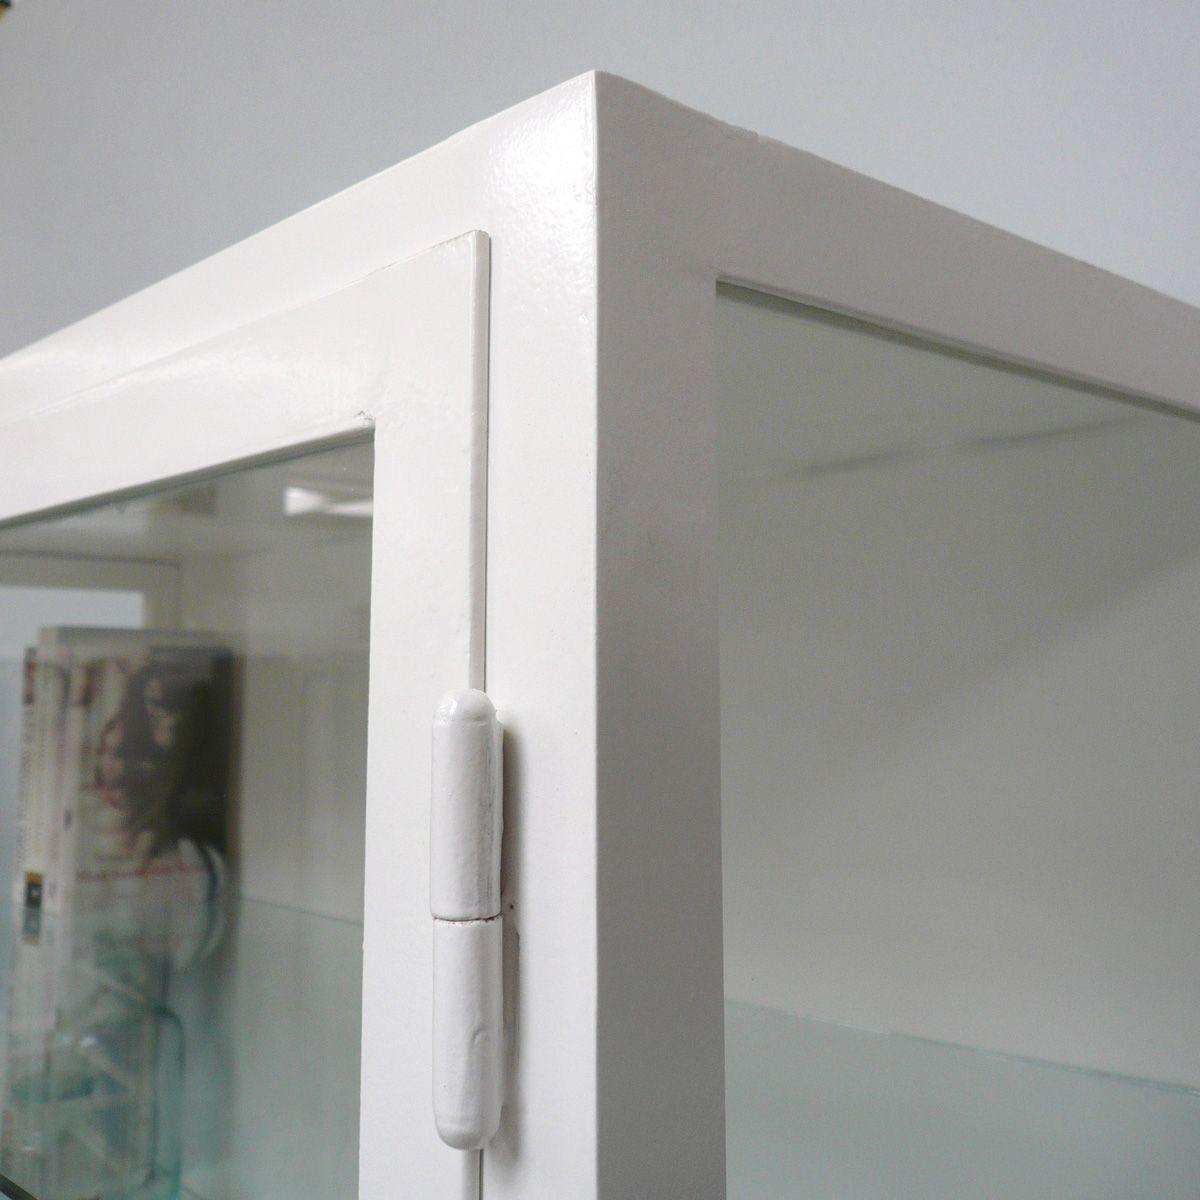 konsolentisch stahl und glas 2017 08 23 10 34 49 erhalten sie entwurf inspiration. Black Bedroom Furniture Sets. Home Design Ideas